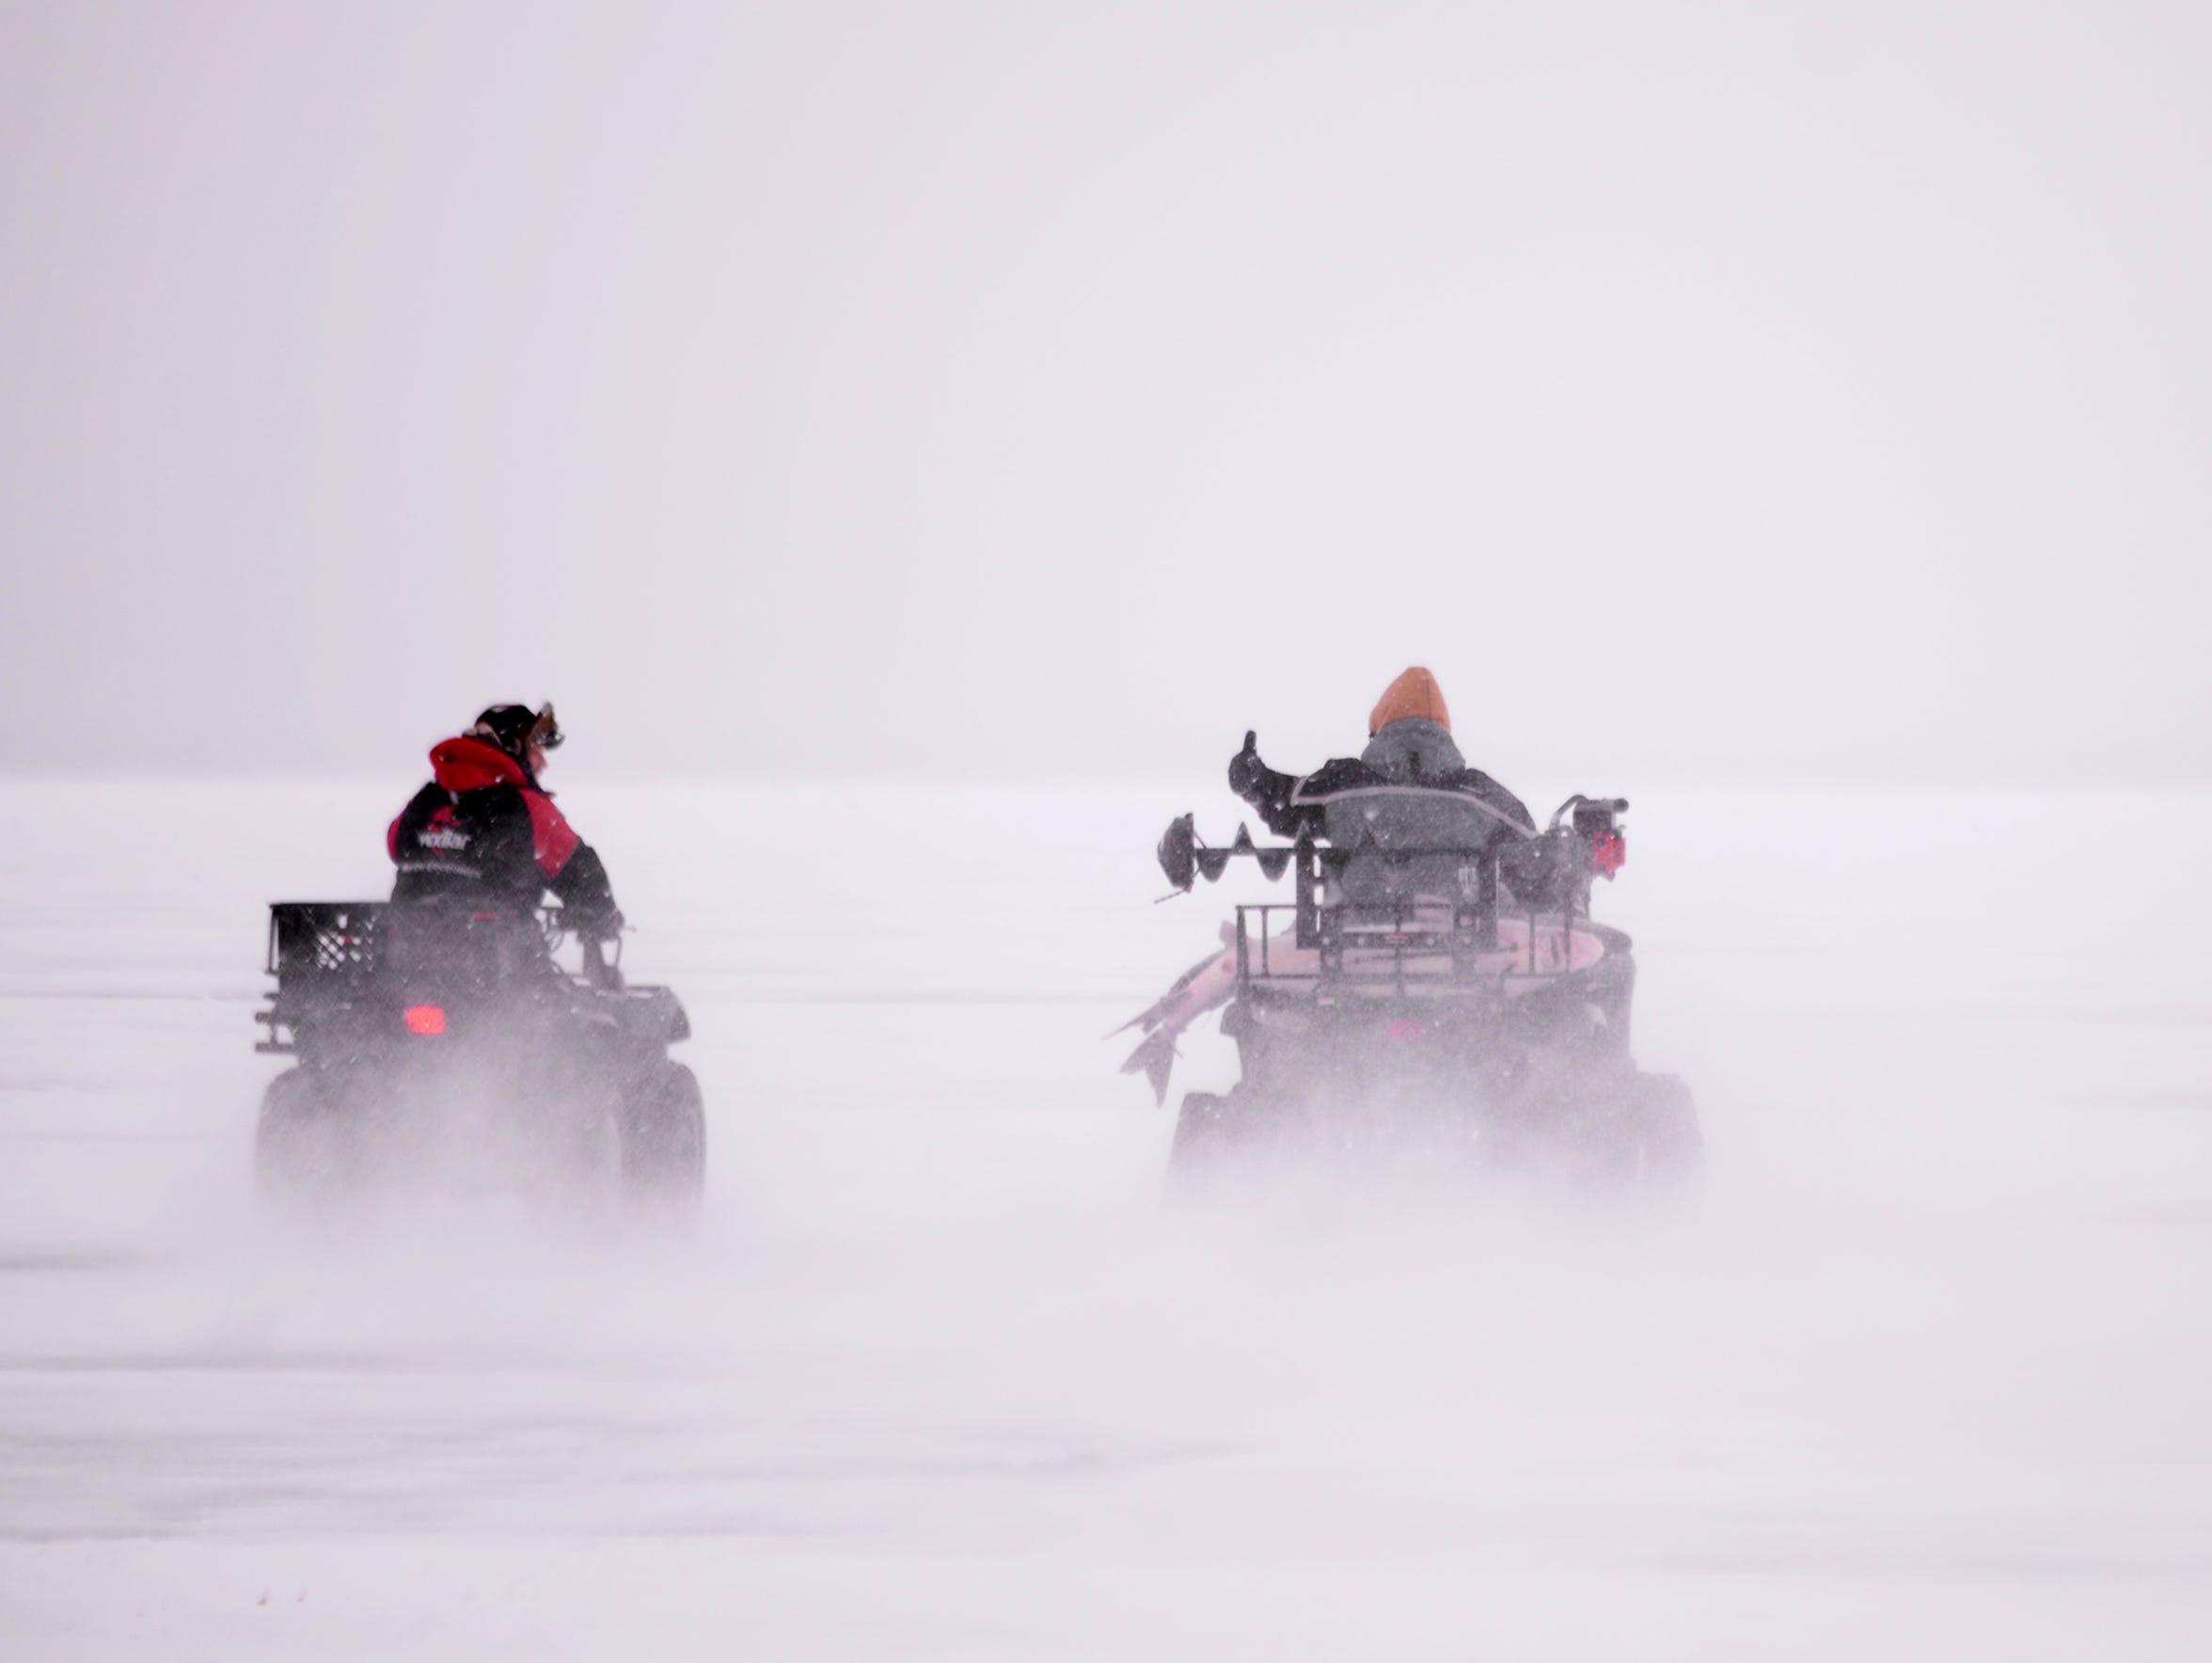 Scott Ash, left, and Brett Trepanier drive their catches